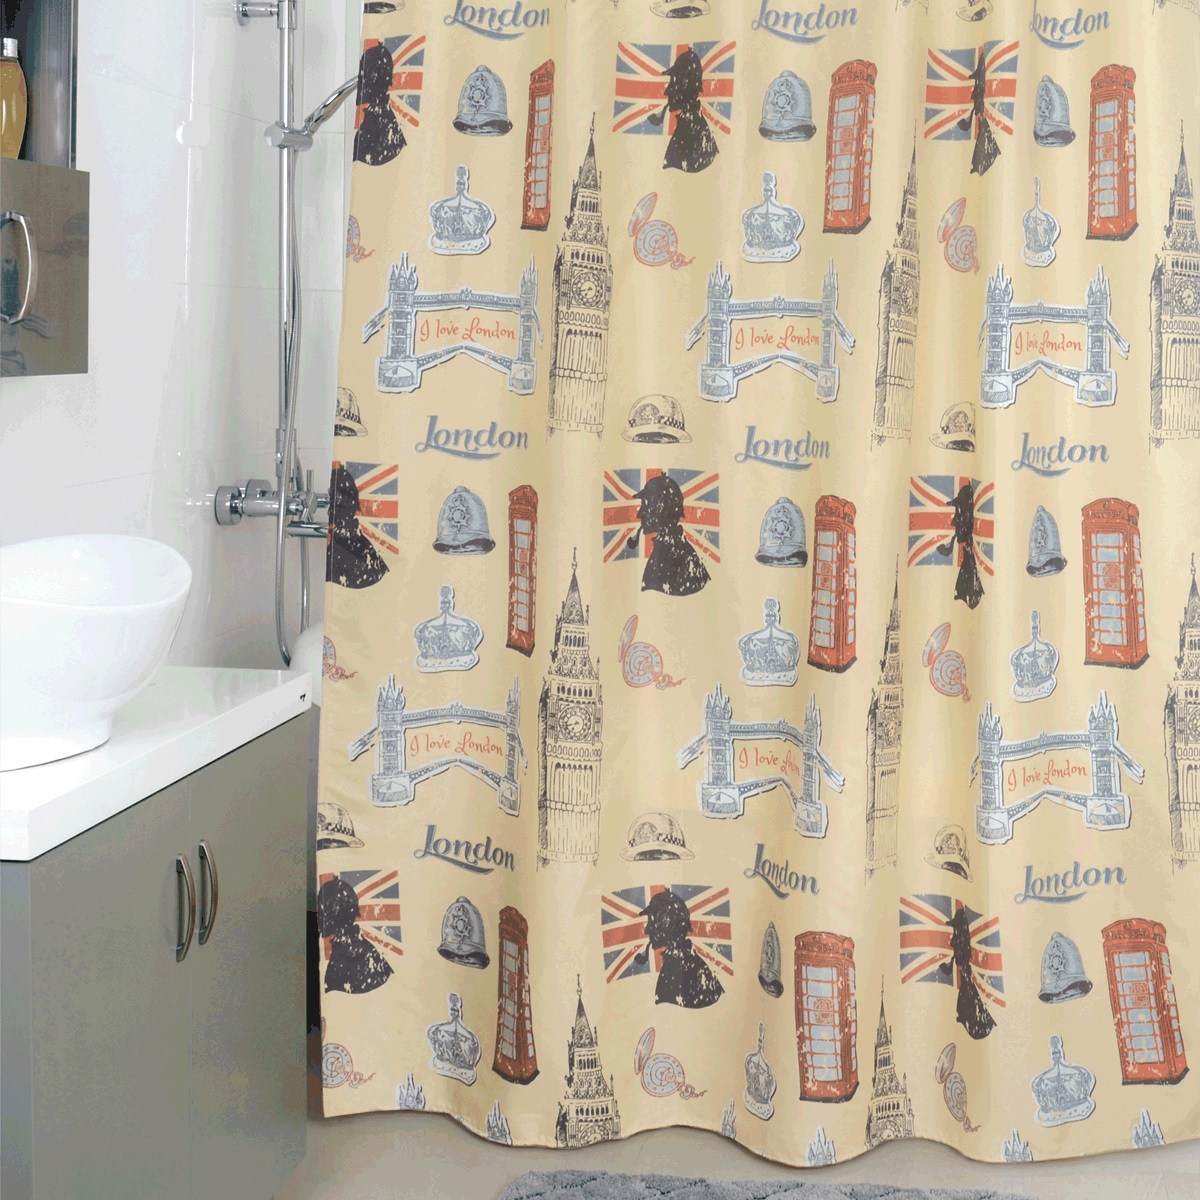 Штора для ванной Milardo British Sings, цвет: бежевый, 180 x 200 см870P180M11Штора для ванной Milardo Milardo British Sings, изготовленная из полиэстера - водонепроницаемого, мягкого на ощупь и прочного материала, идеально защищает ванную комнату от брызг. В верхней кромке шторы предусмотрены металлические отверстия для колец, которые входят в комплект.Штора Milardo Milardo British Sings порадует вас своим ярким дизайном и добавит уюта в ванную комнату. Плотность: 80 г/м.Количество колец: 12 шт.